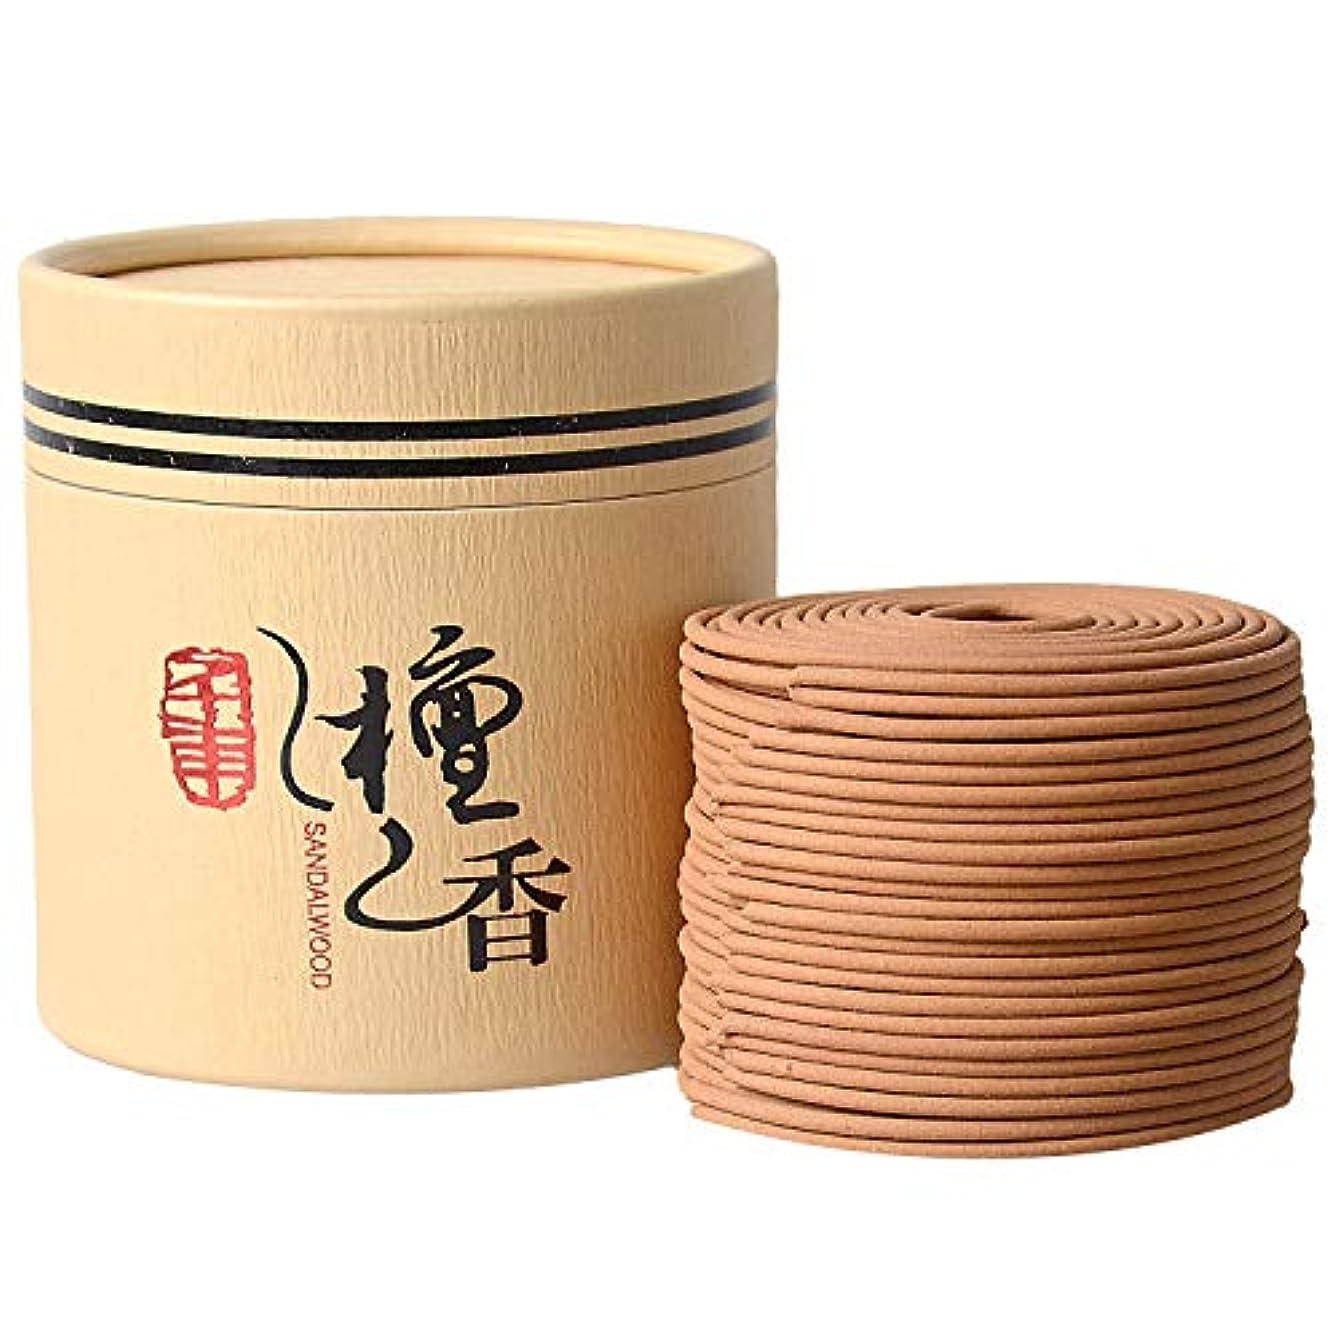 満足できる才能適応するお香 特選白檀 優しい香り 空気浄化 渦巻き線香 お香ギフト 盤香 4時間 48巻